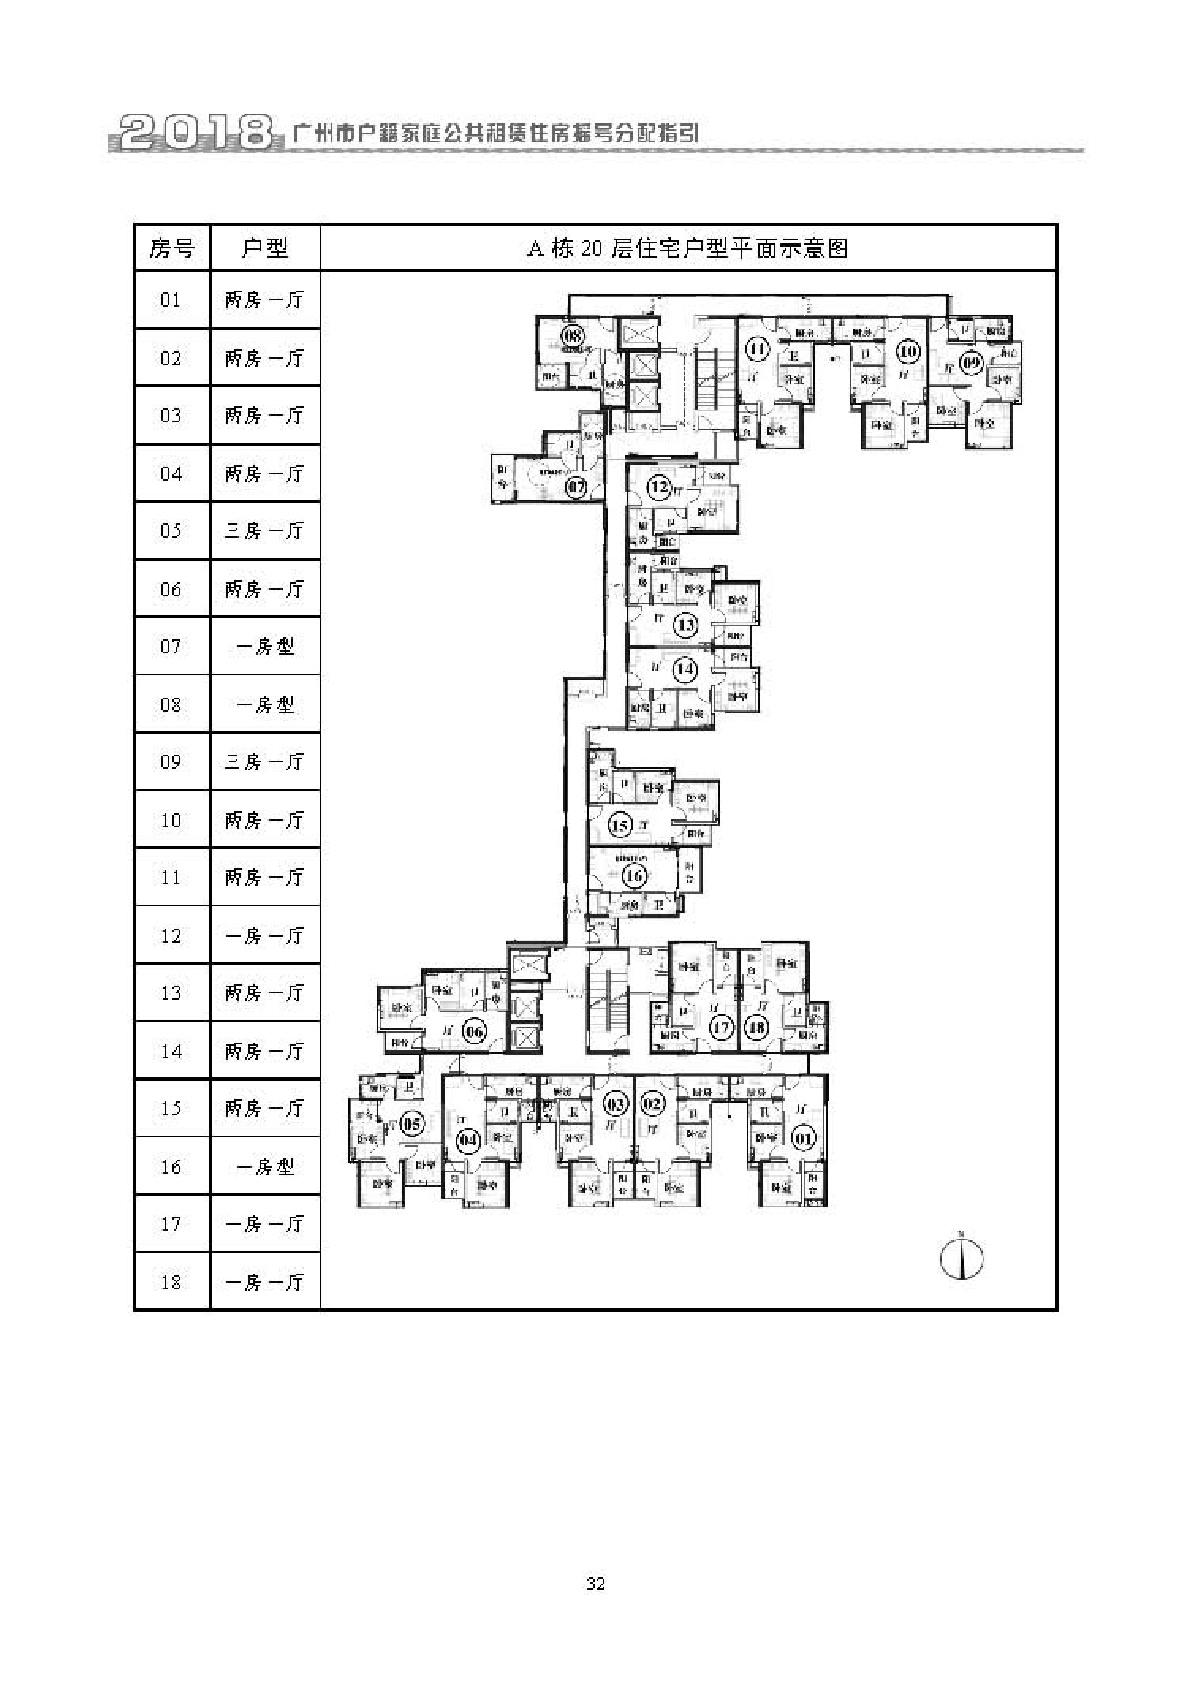 2018广州恒大御府户籍家庭公租房户型图